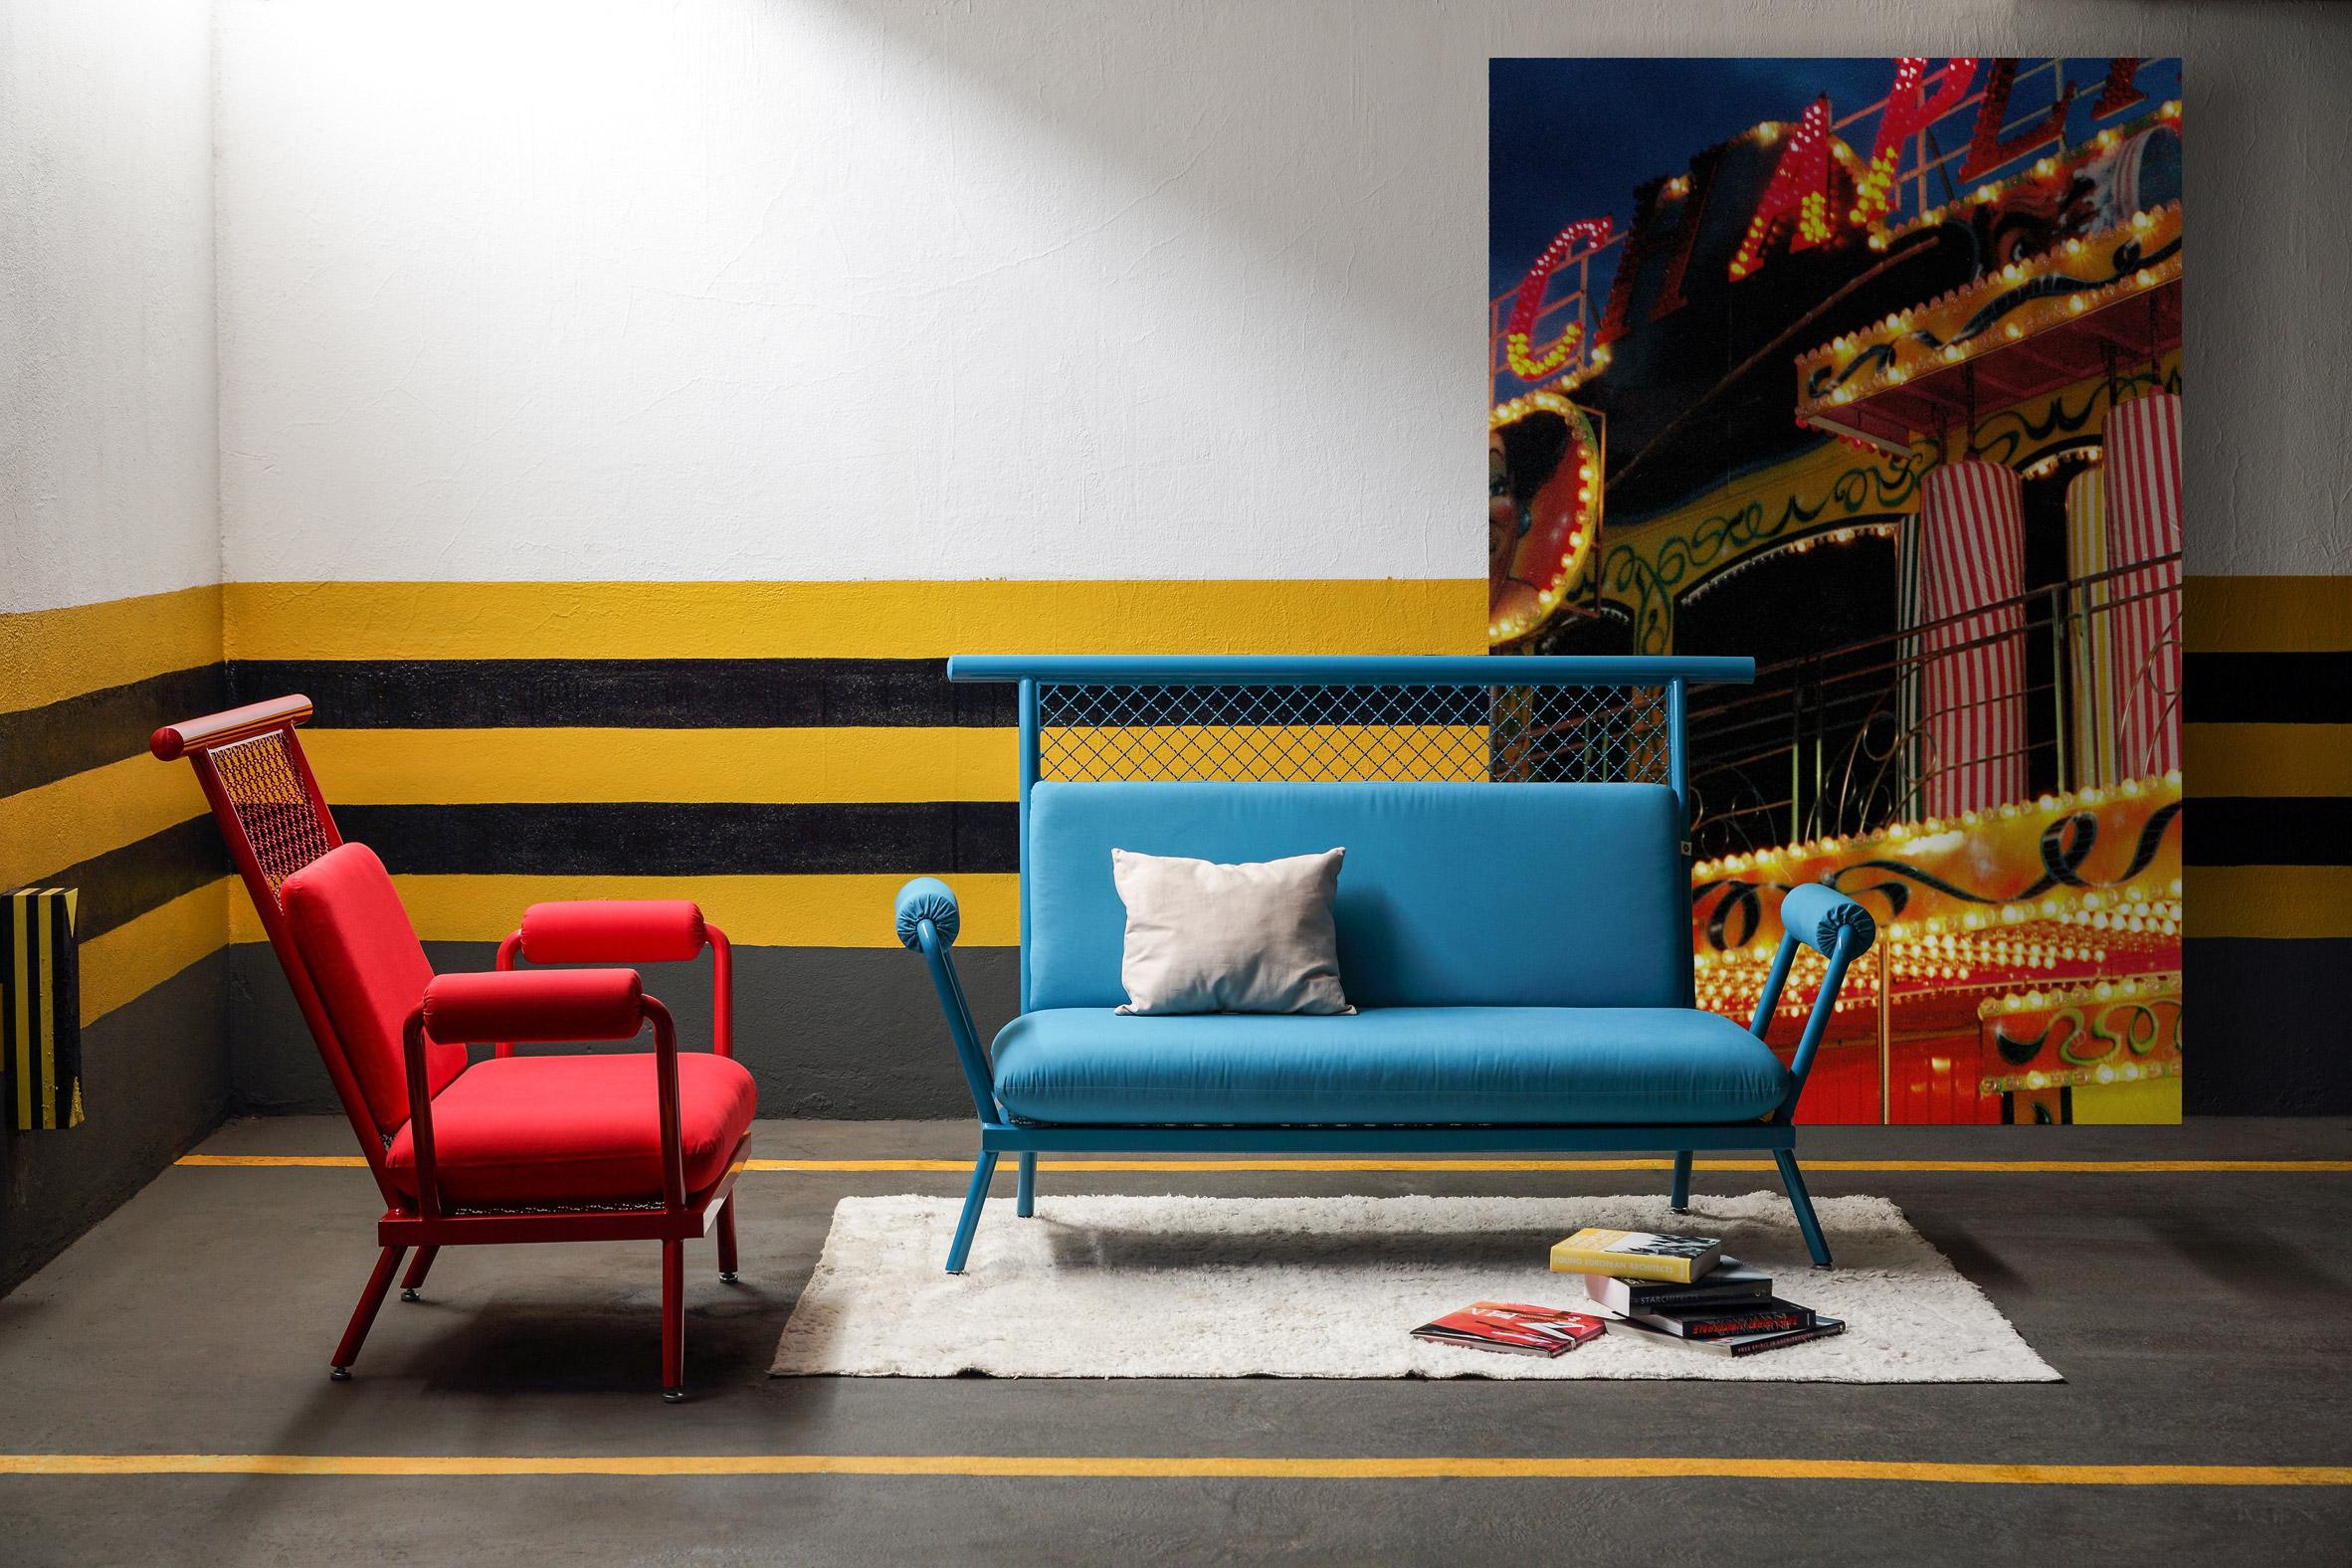 pk6-pk7-furnitures-signed-studio-paulo-kobylka-brasil_dezeen_2364_col_2